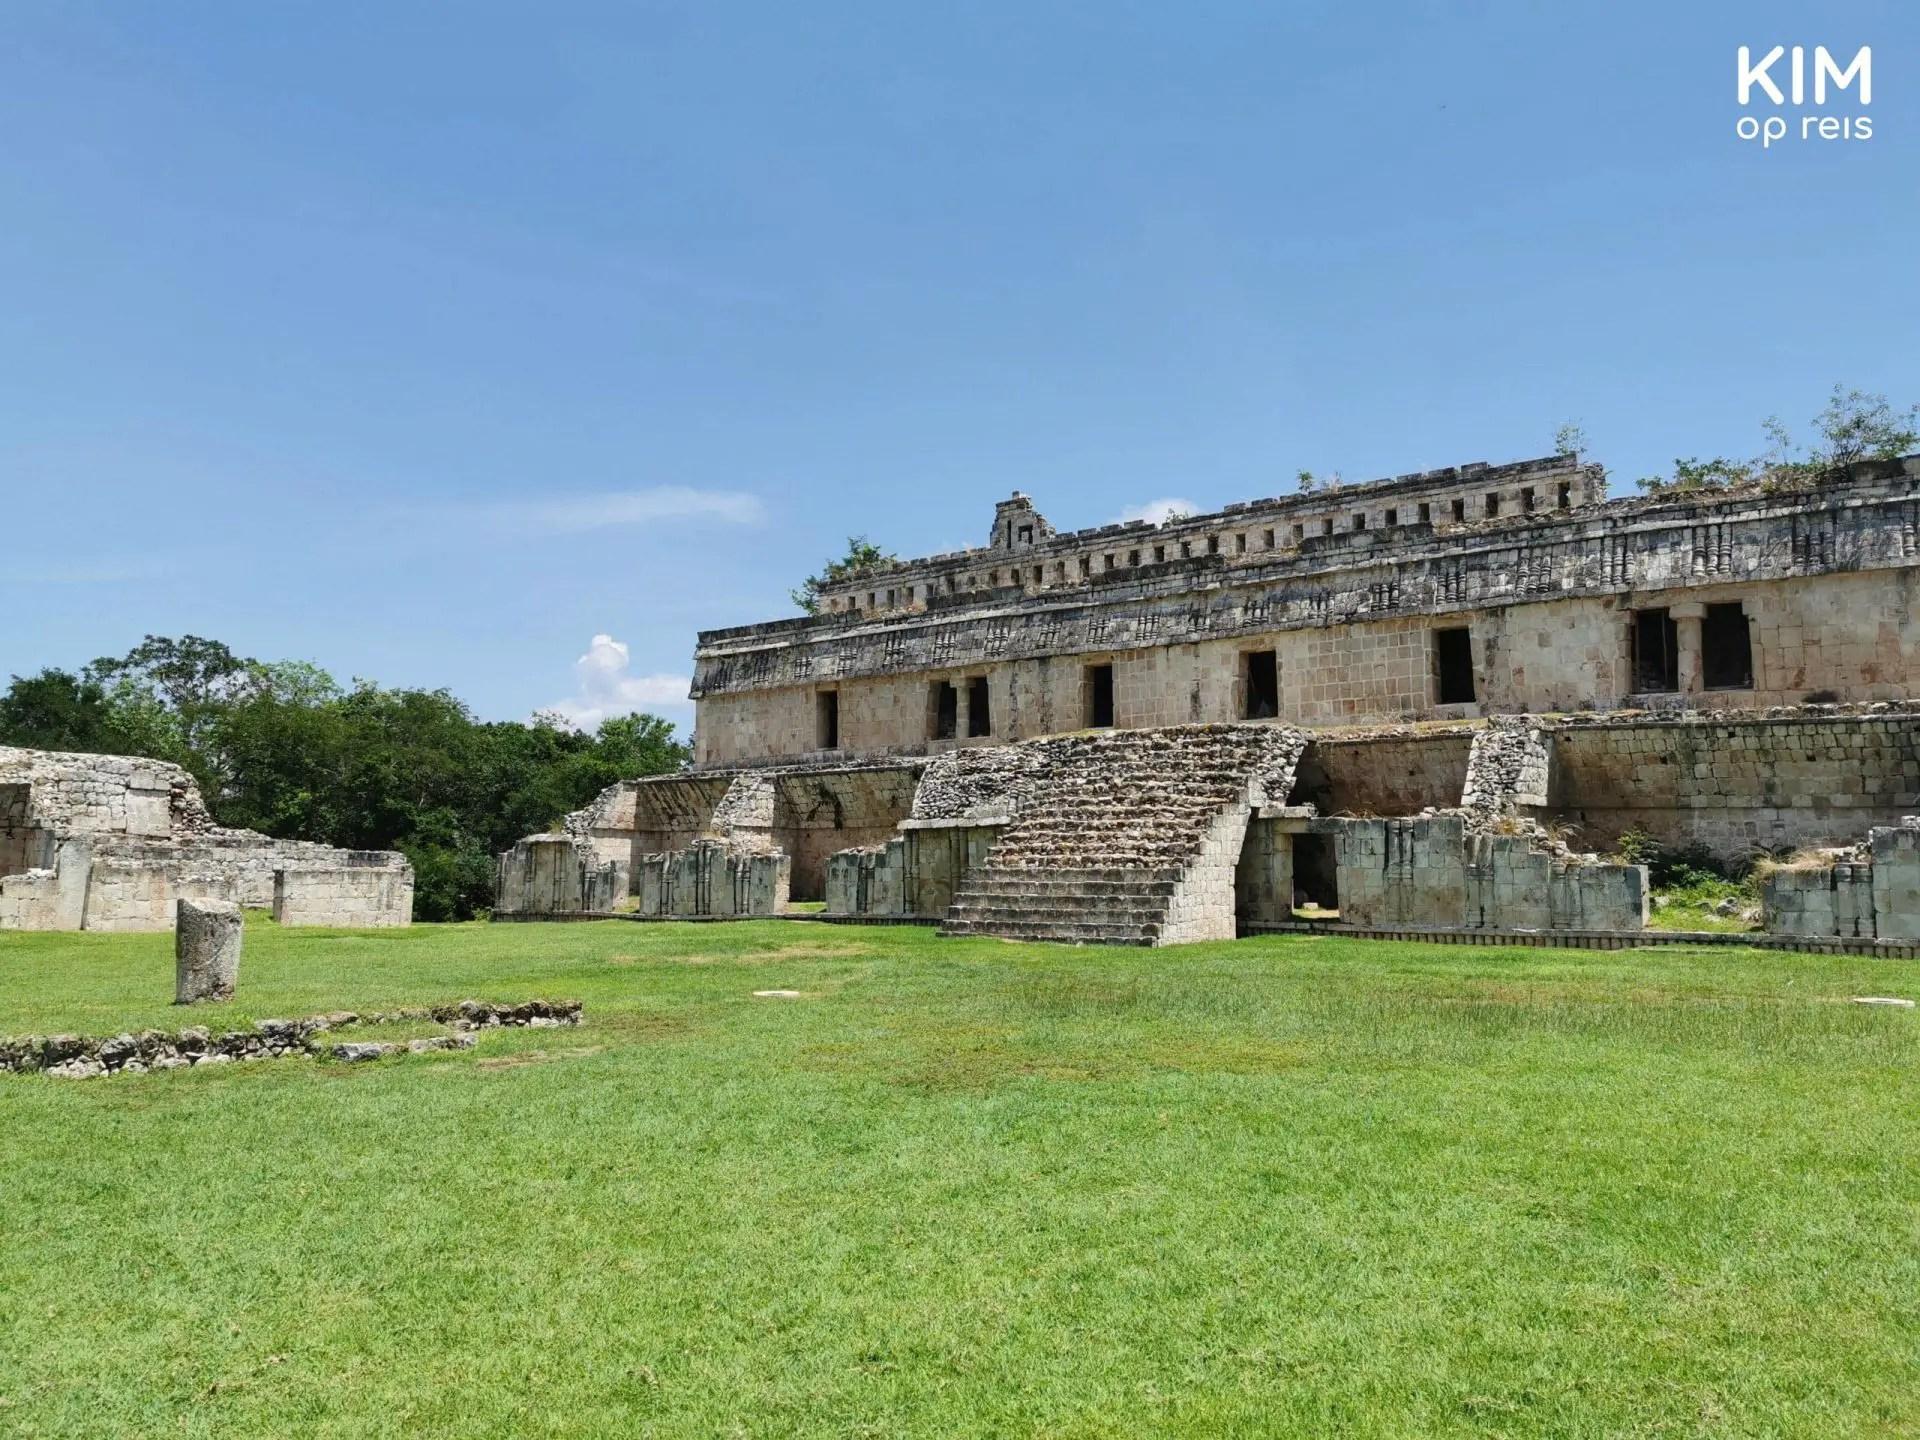 Kabah Ruta Puuc: groot overblijfsel van een gebouw op een groen grasveld